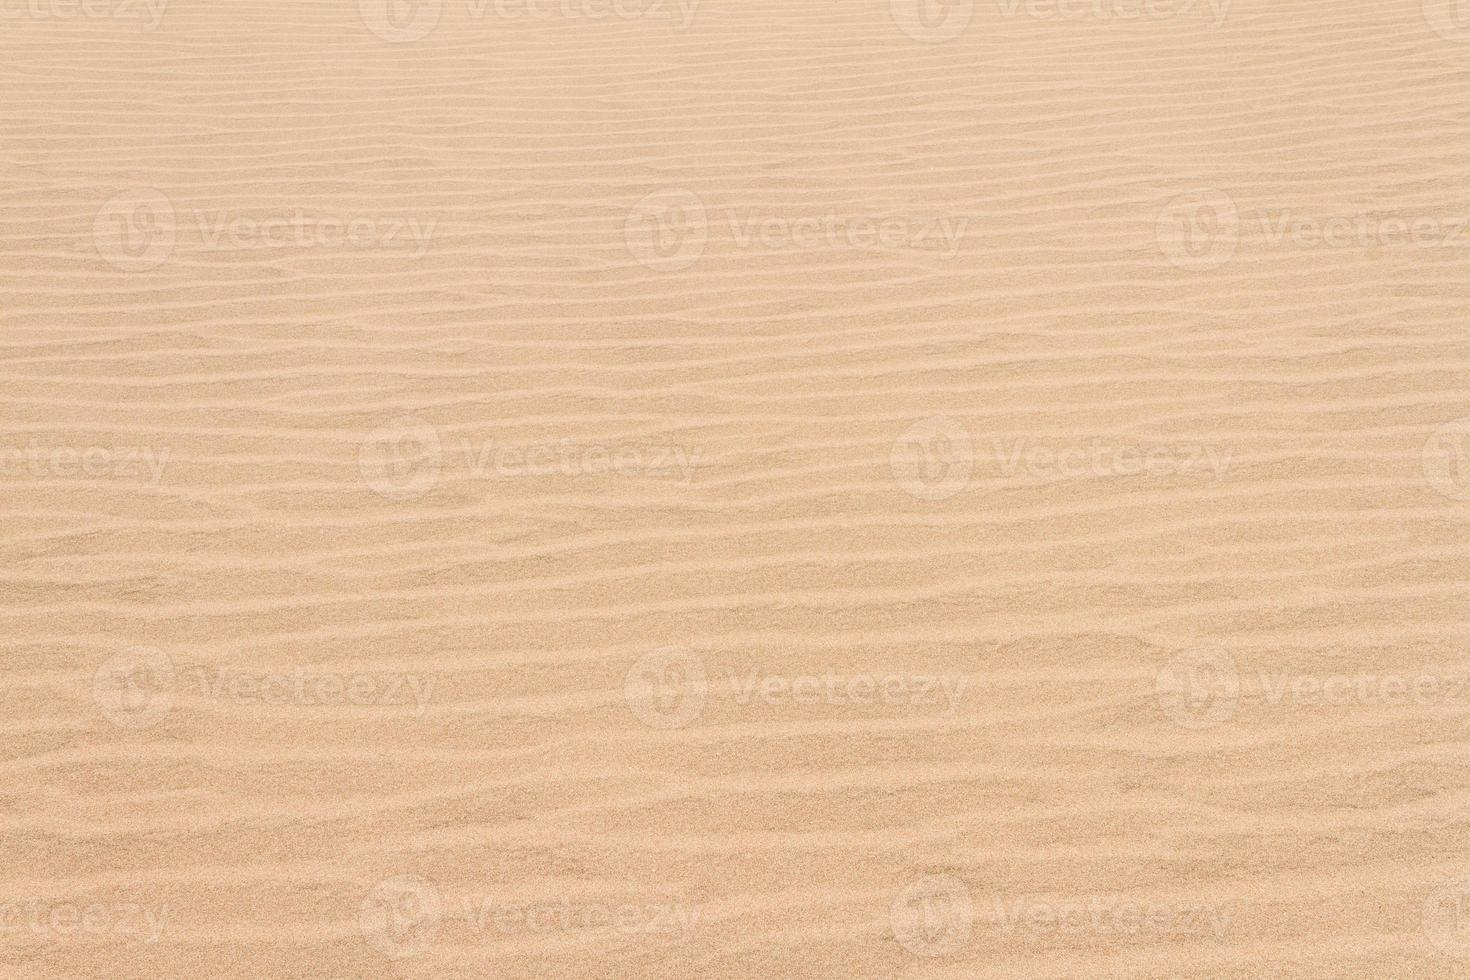 lignes abstraites de dunes de sable photo